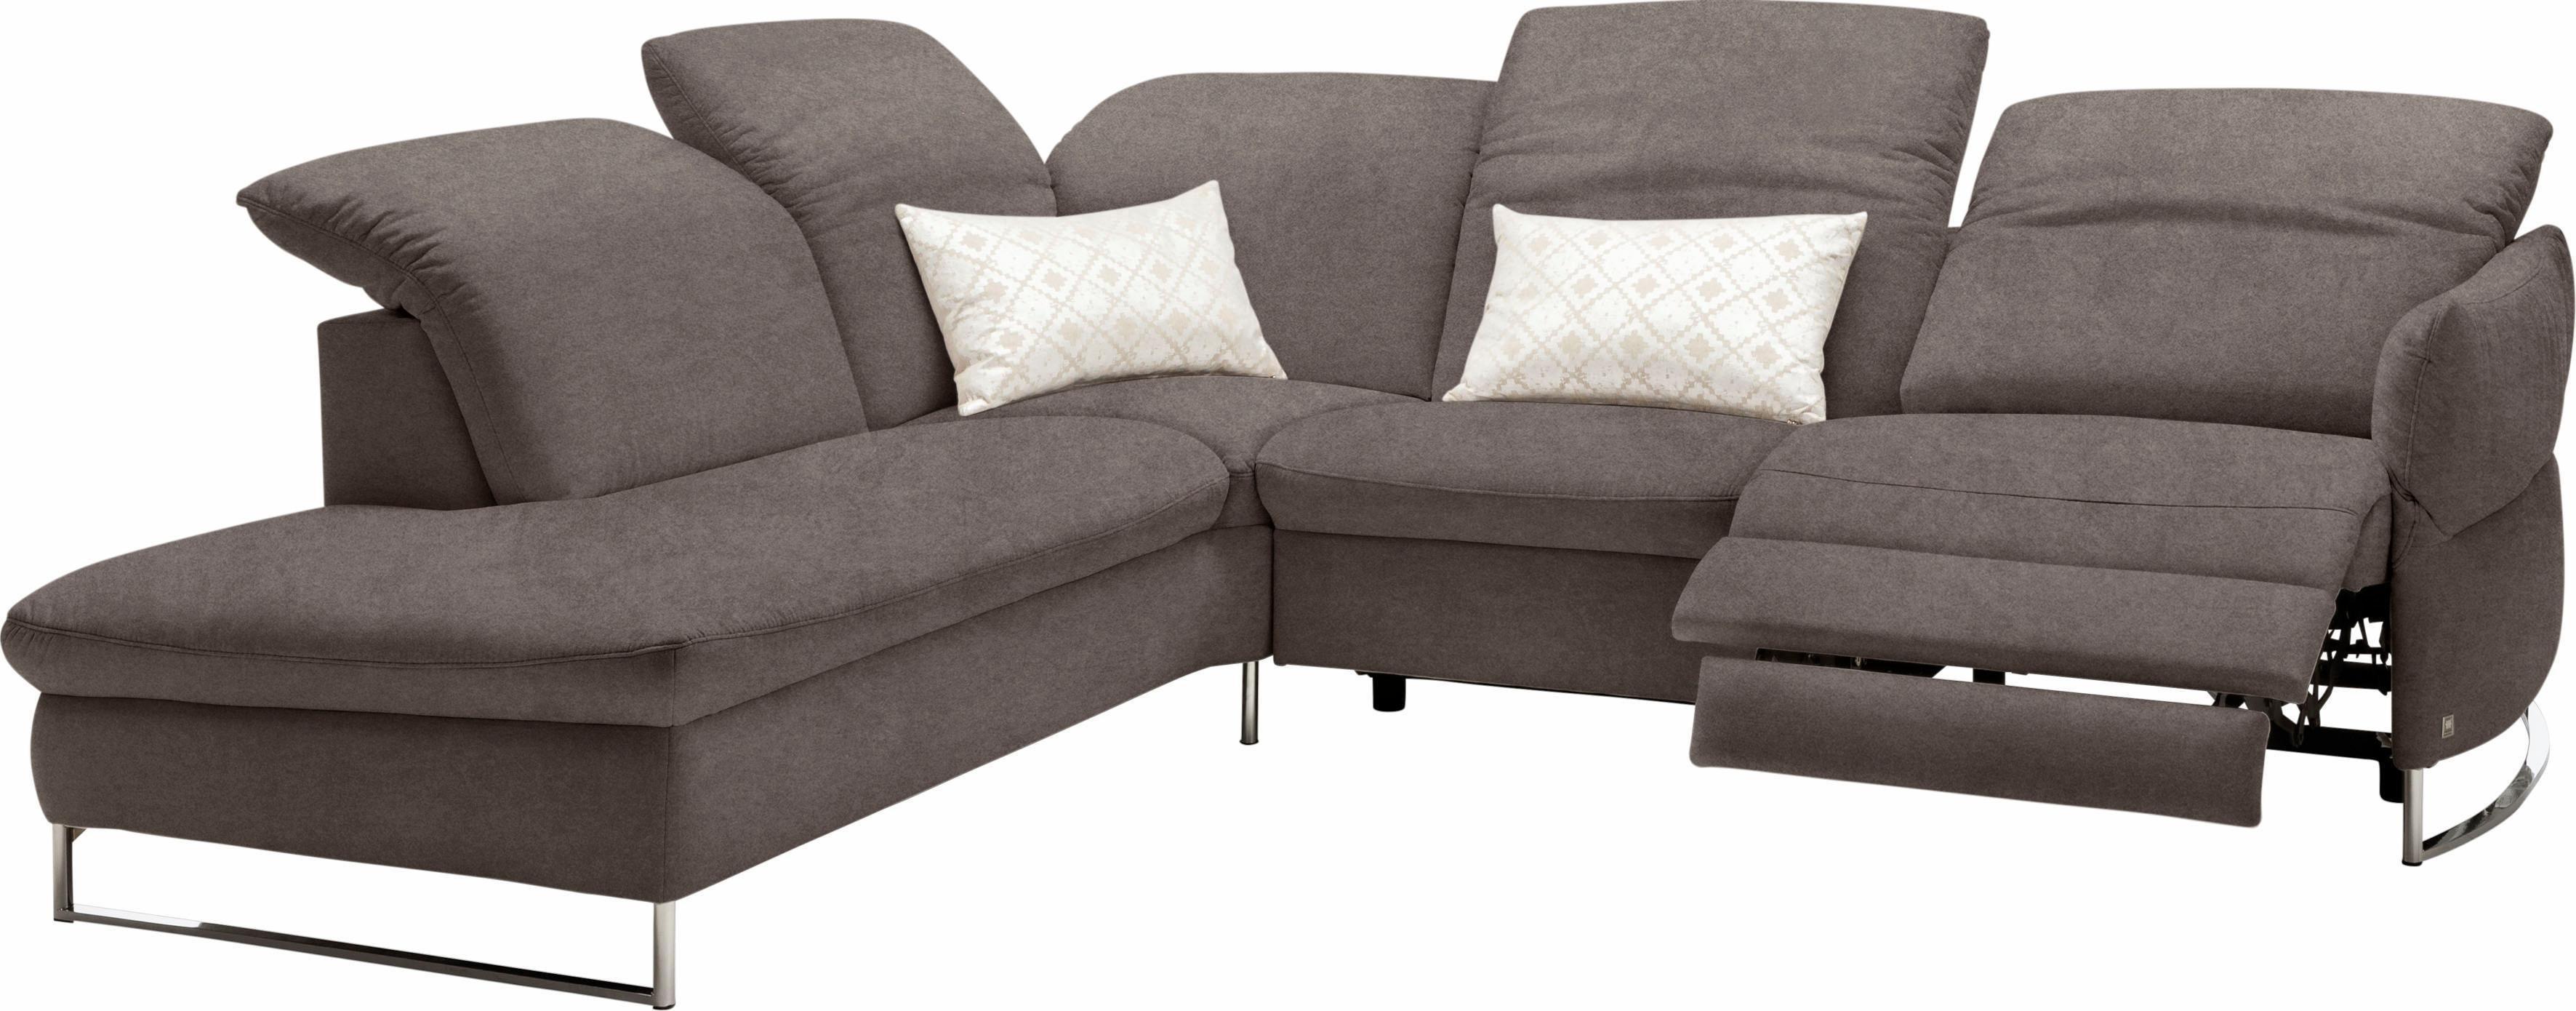 gallery m ecksofas eckcouches online kaufen m bel suchmaschine. Black Bedroom Furniture Sets. Home Design Ideas